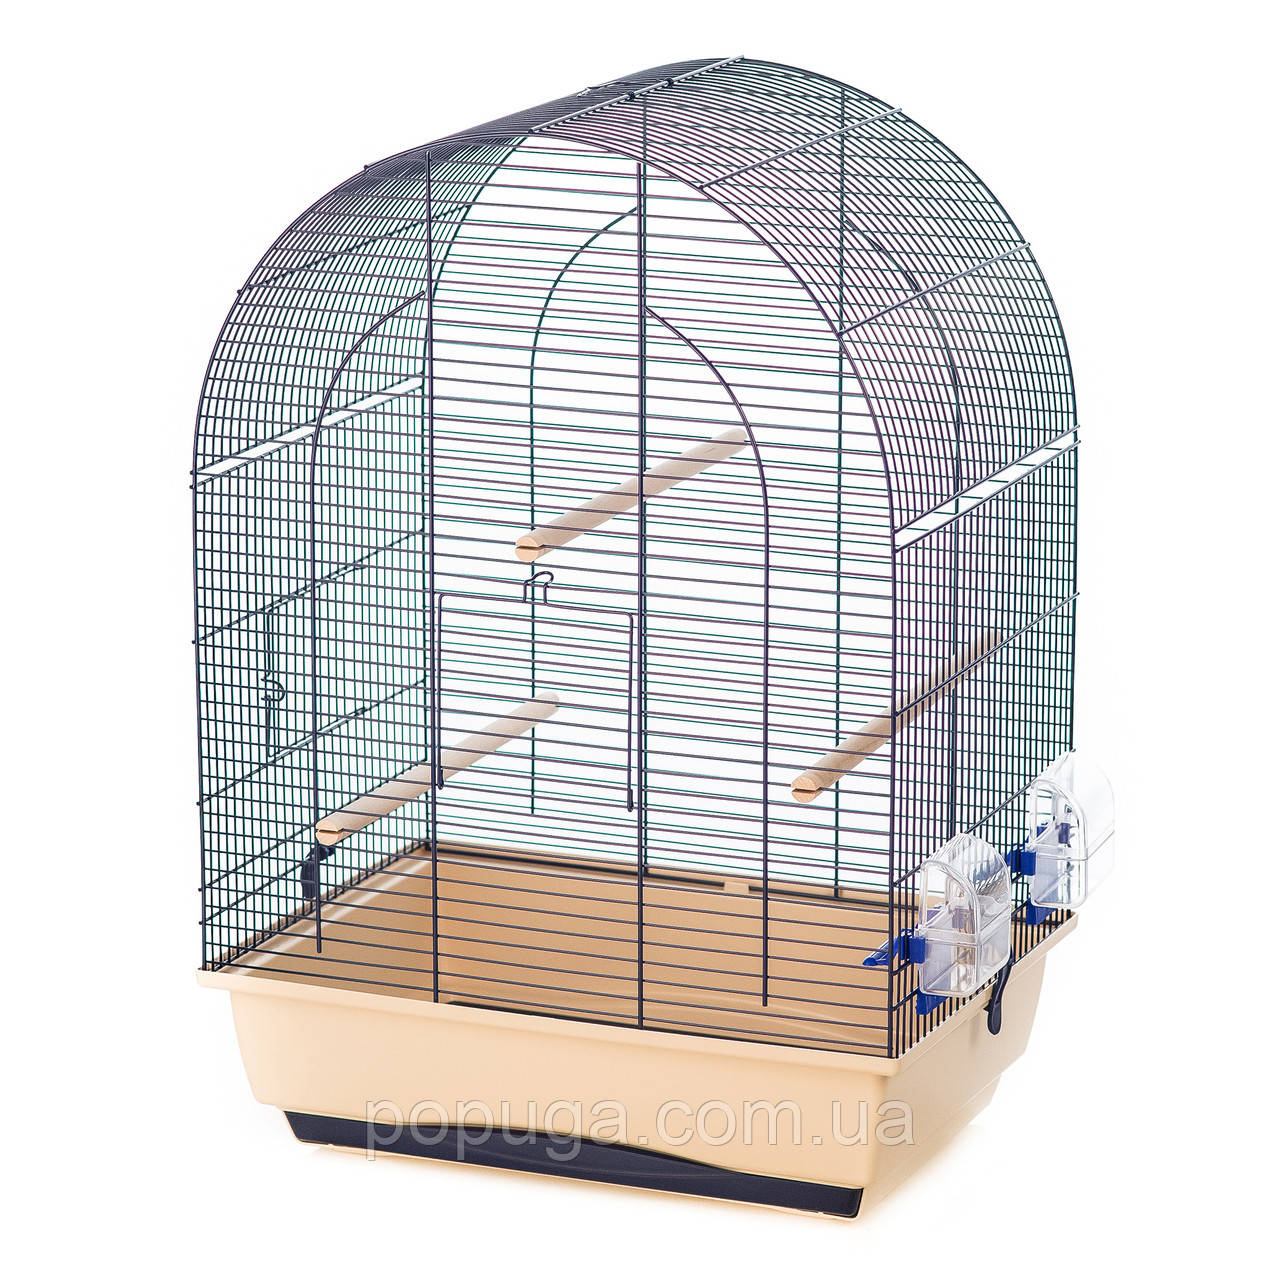 Клетка для попугая Lusi 2 Extra colour 45*32*64 см